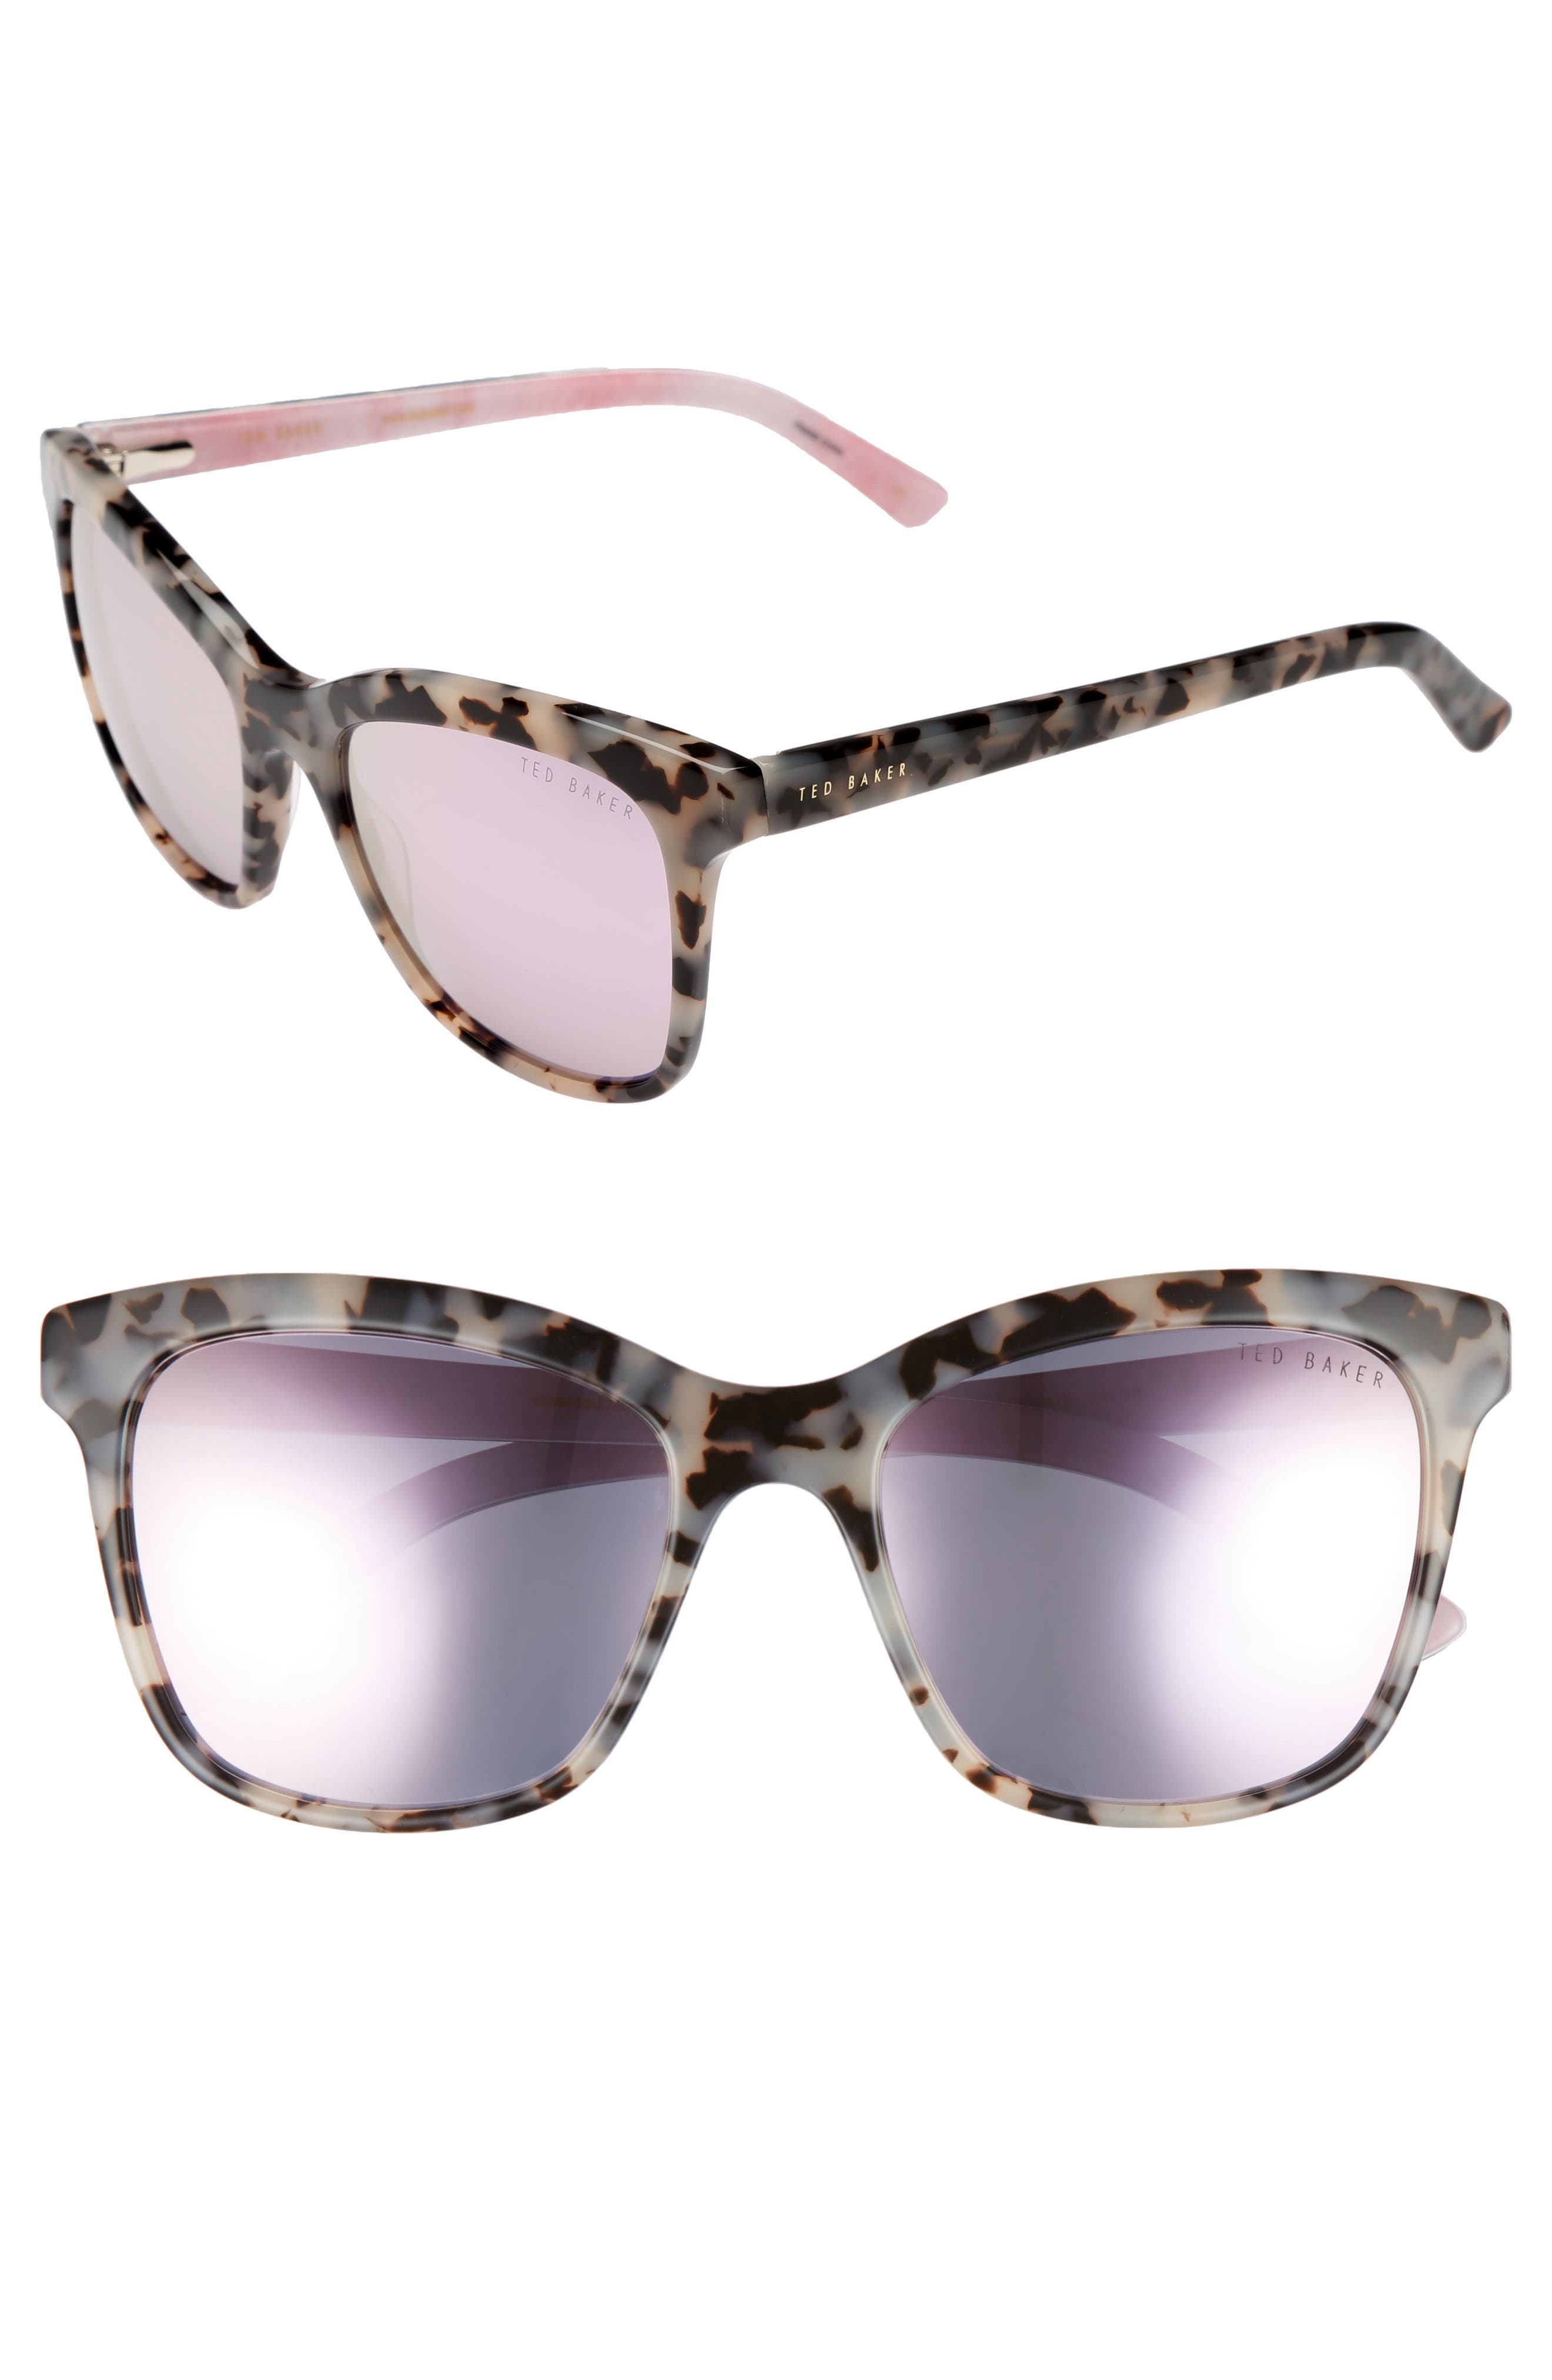 Ted Baker London 55mm Cat Eye Sunglasses